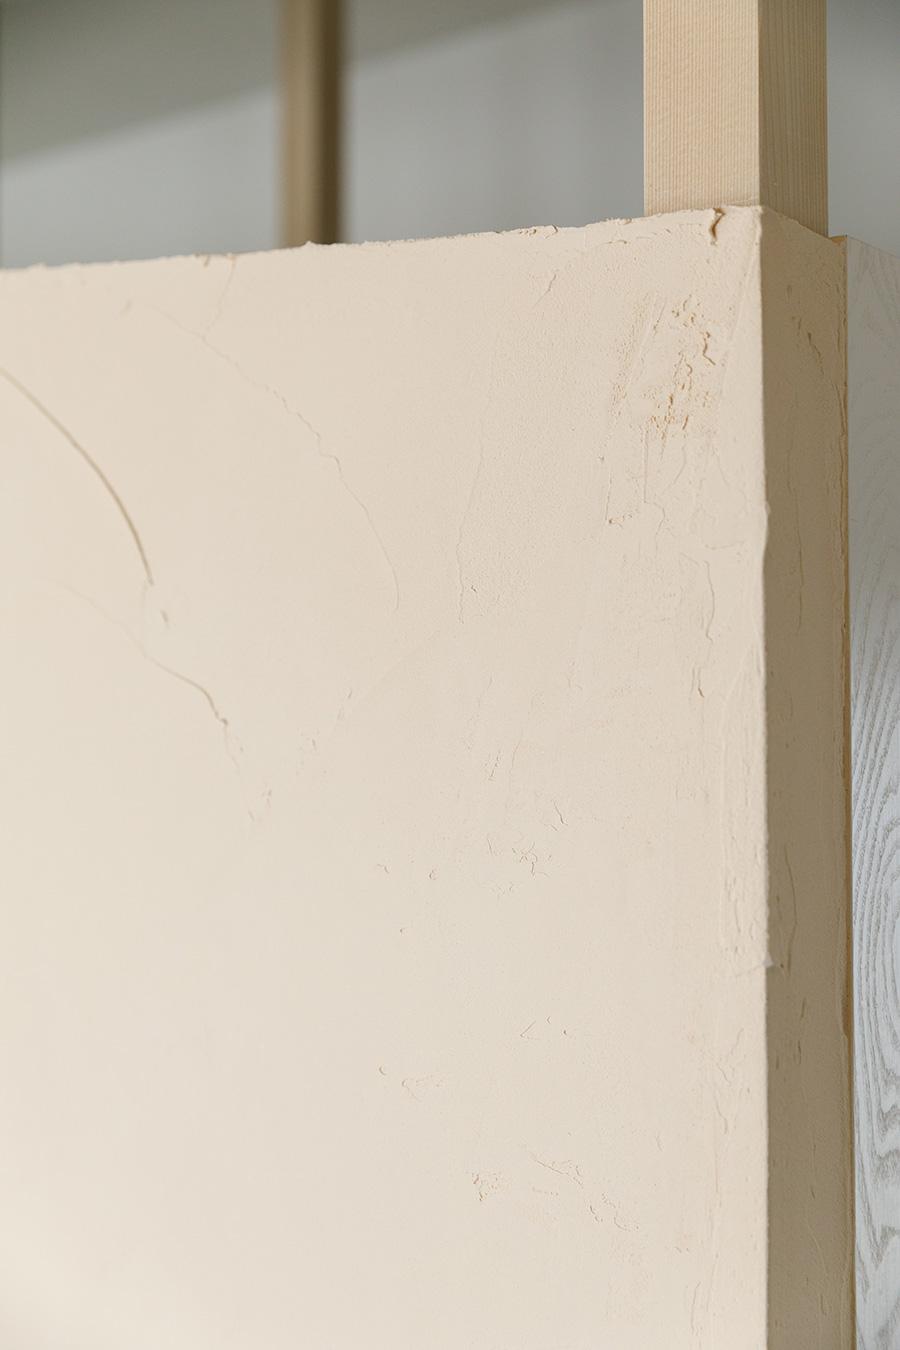 「オン ザ ウォール」という天然素材の塗り壁材で仕上げた壁。「色はかなり悩みましたが、明るい雰囲気になるものを選びました」(裕美さん)。